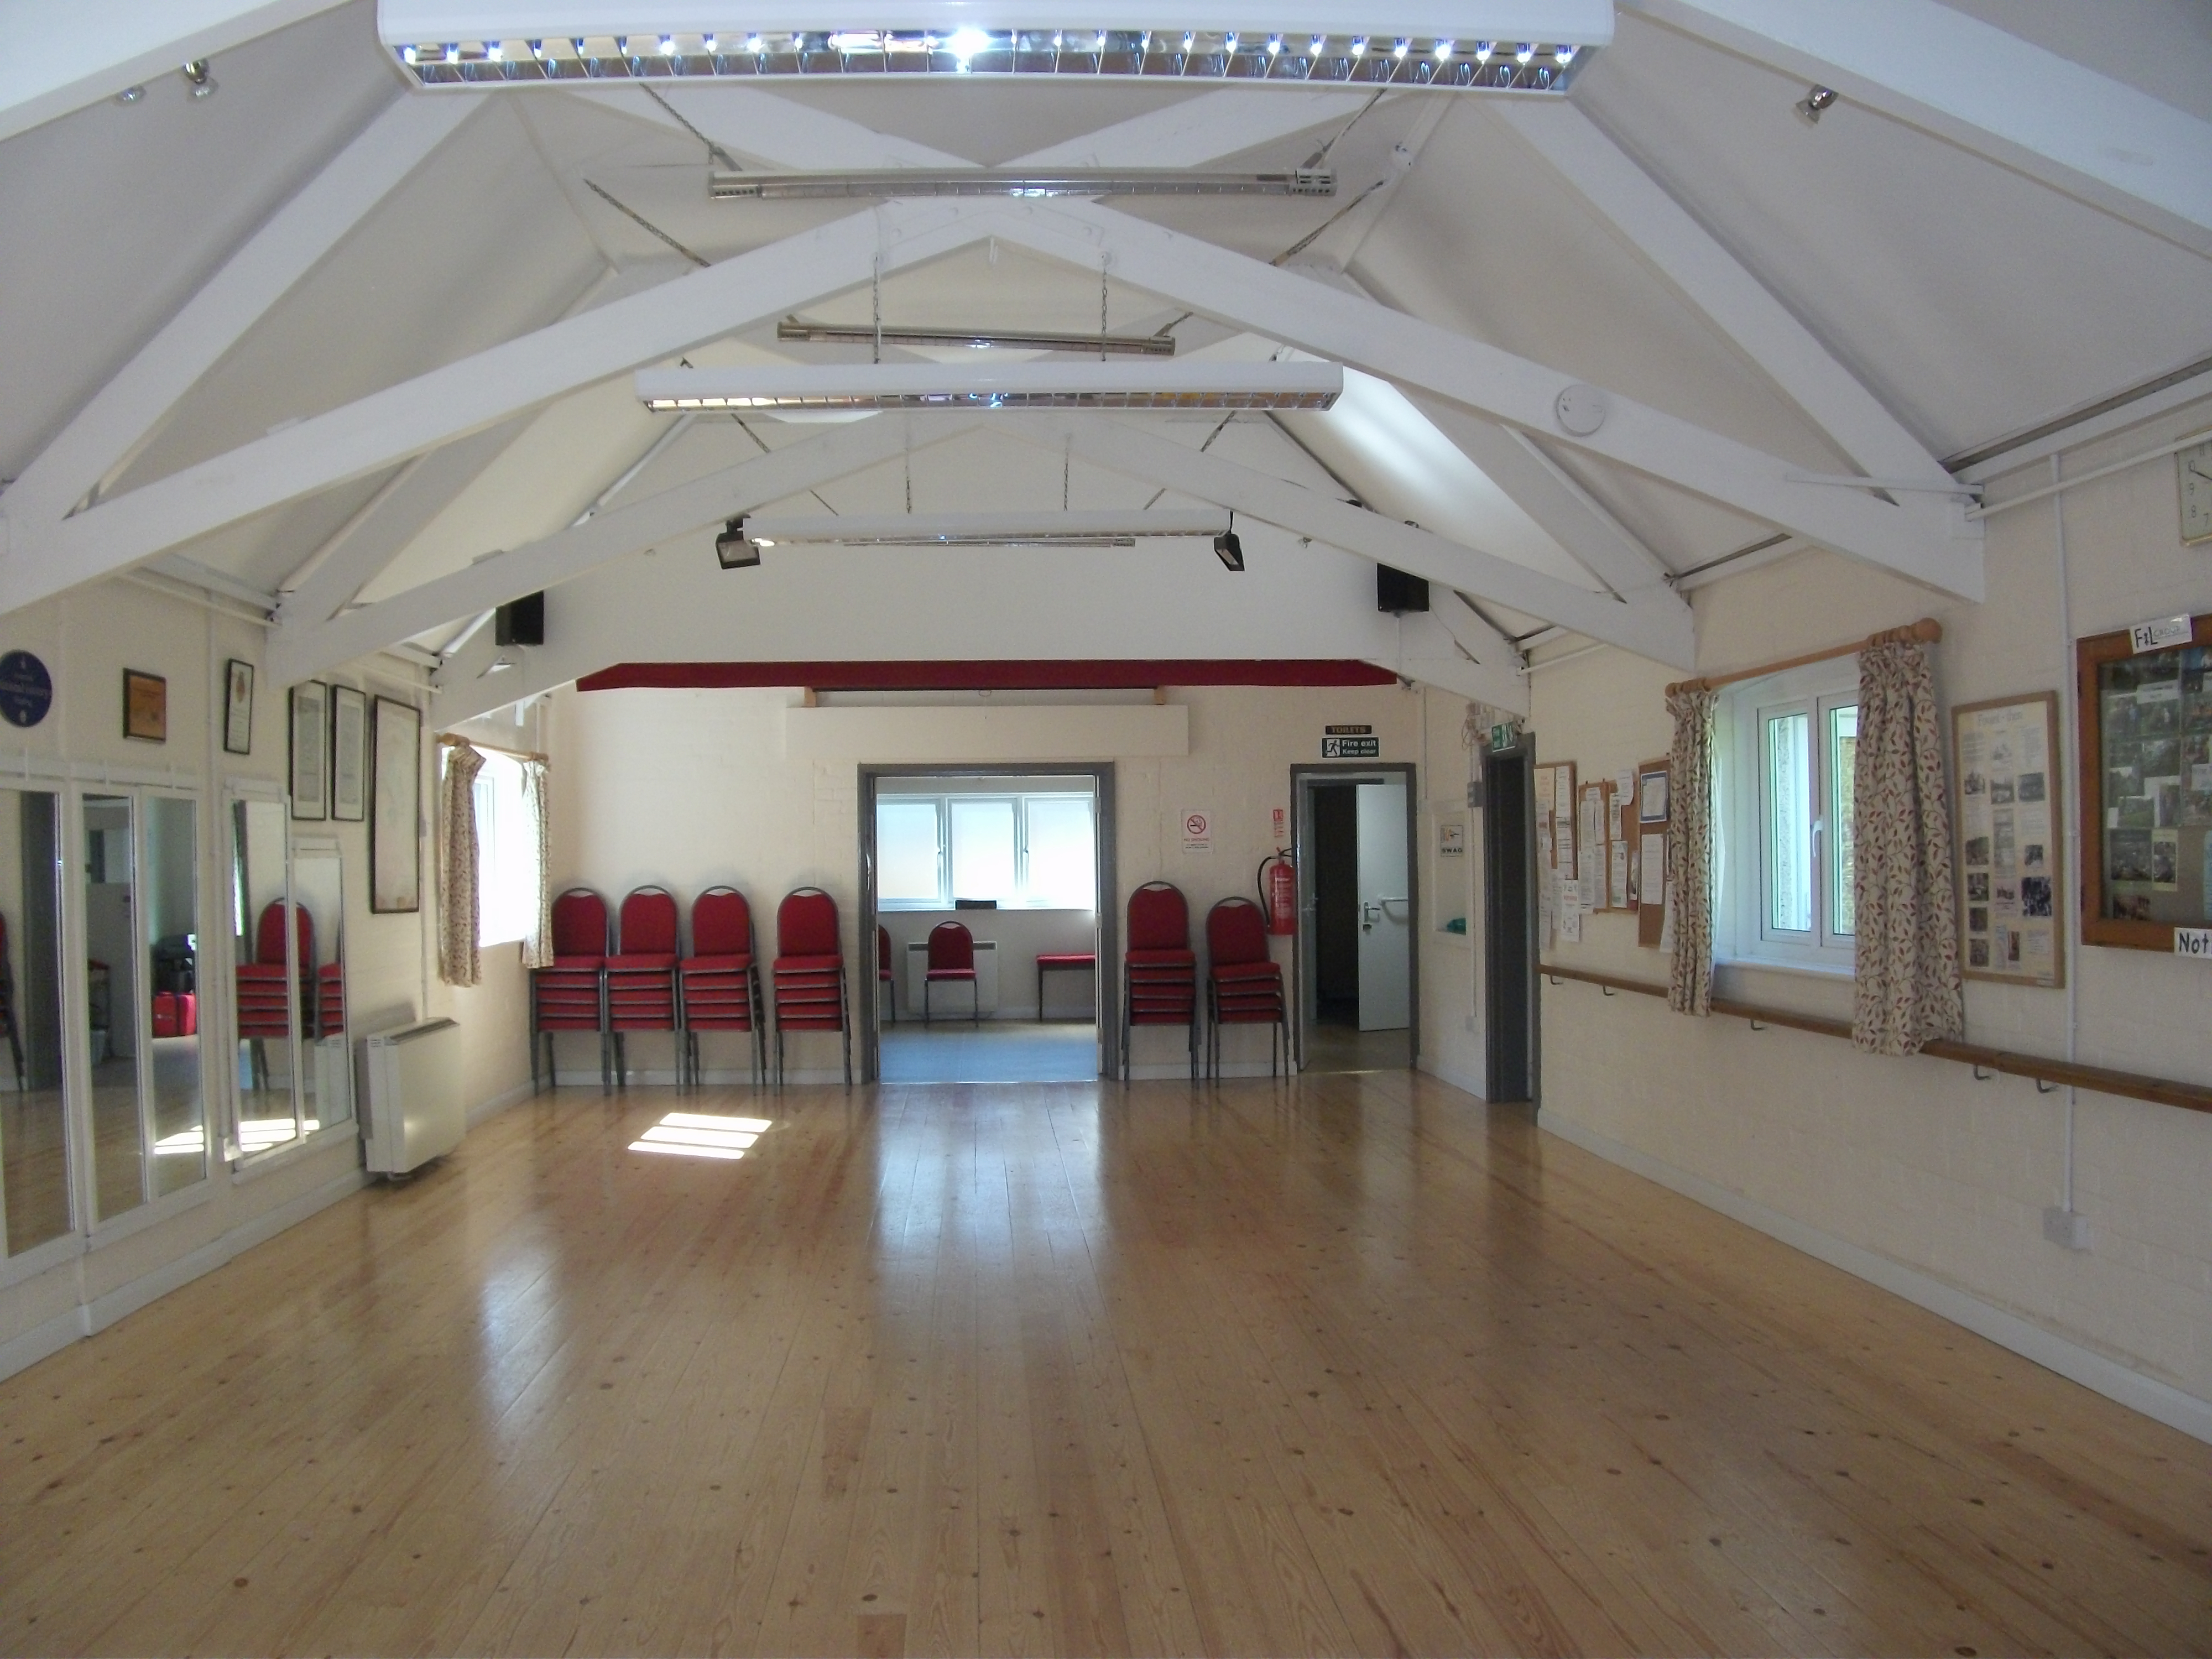 Fovant Village Hall